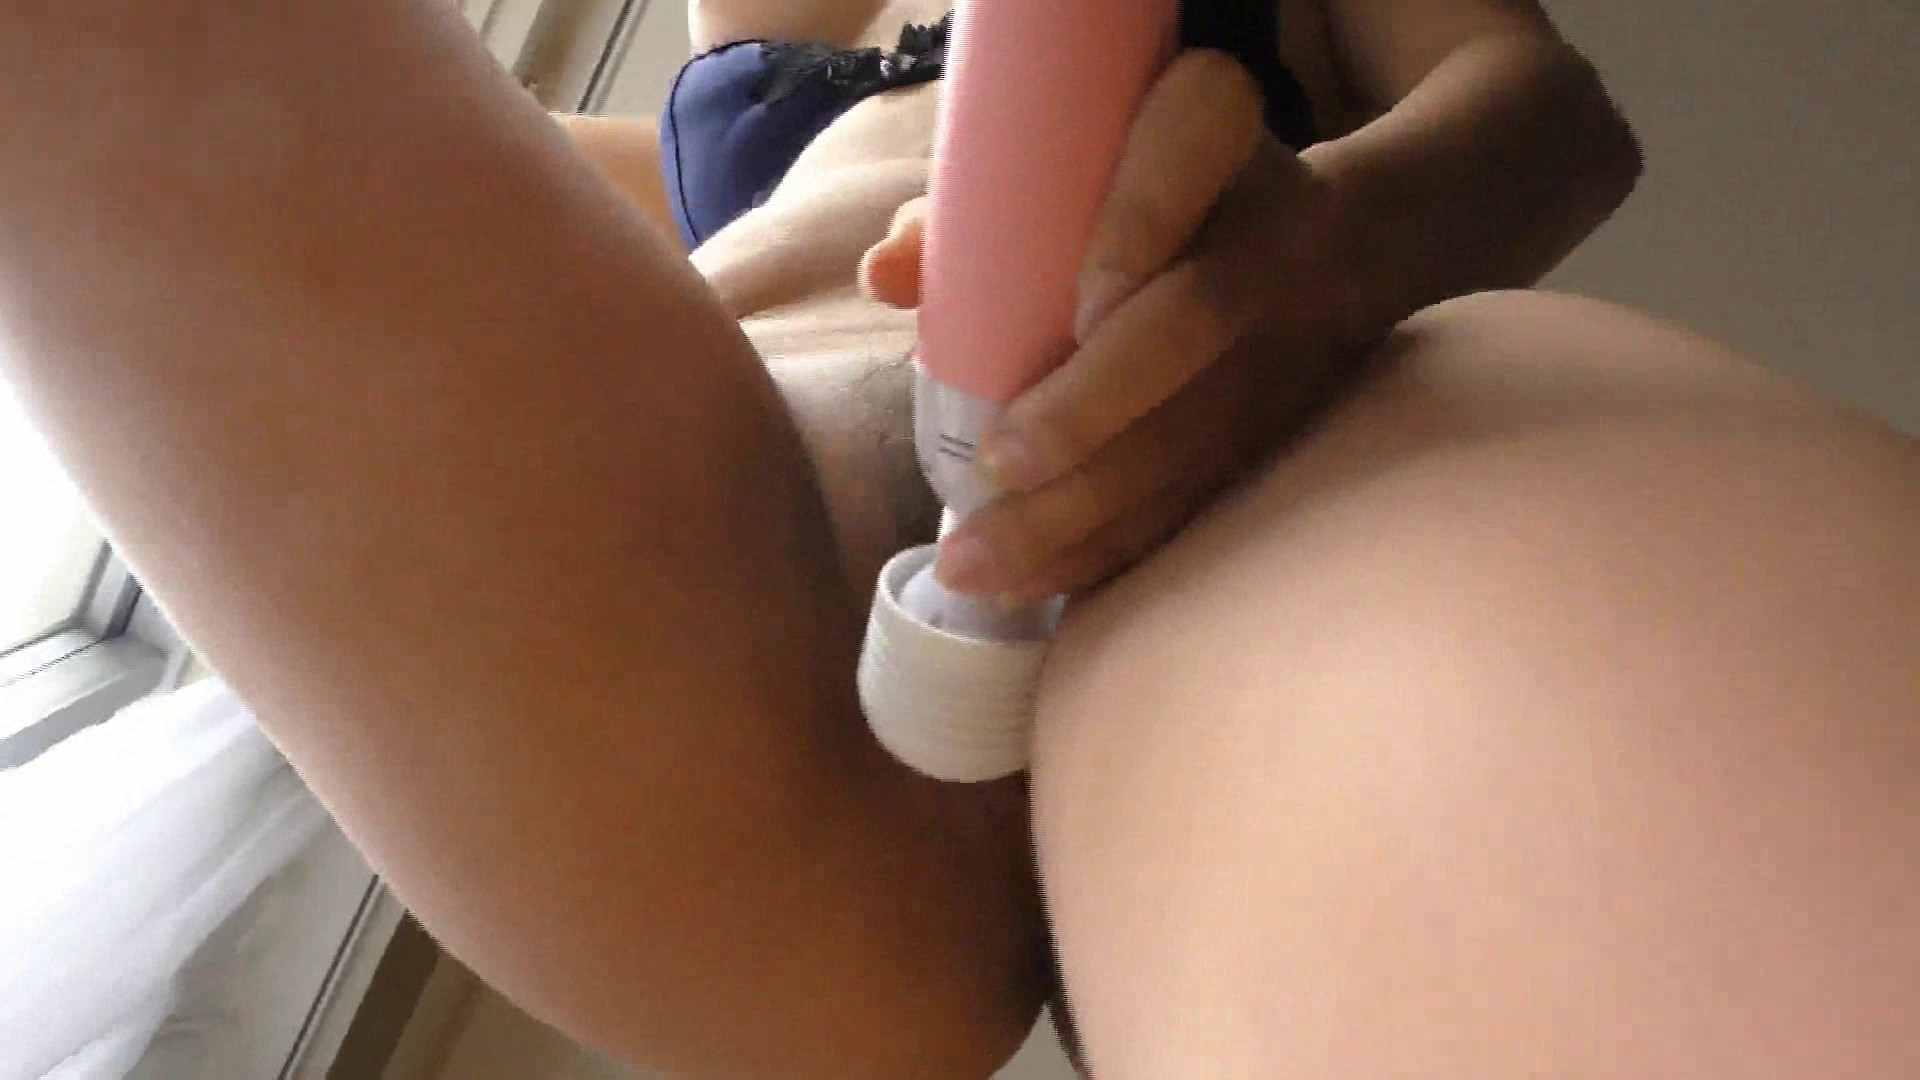 素人S級美女特選!小悪魔ギャル噂のビッチガールVol.22 ギャル盗撮映像 | OLのボディ  99PIX 89